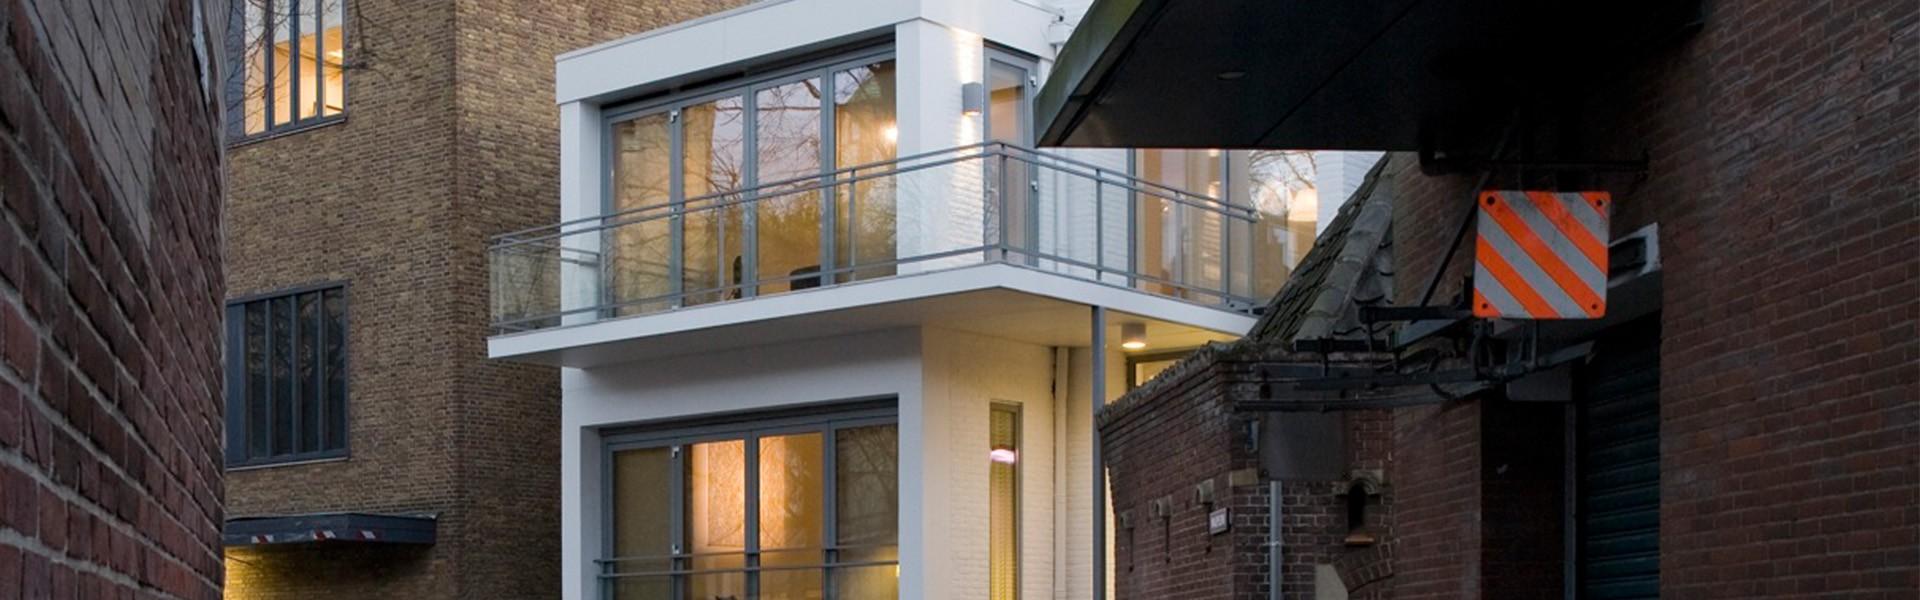 Lange Delft Middelburg